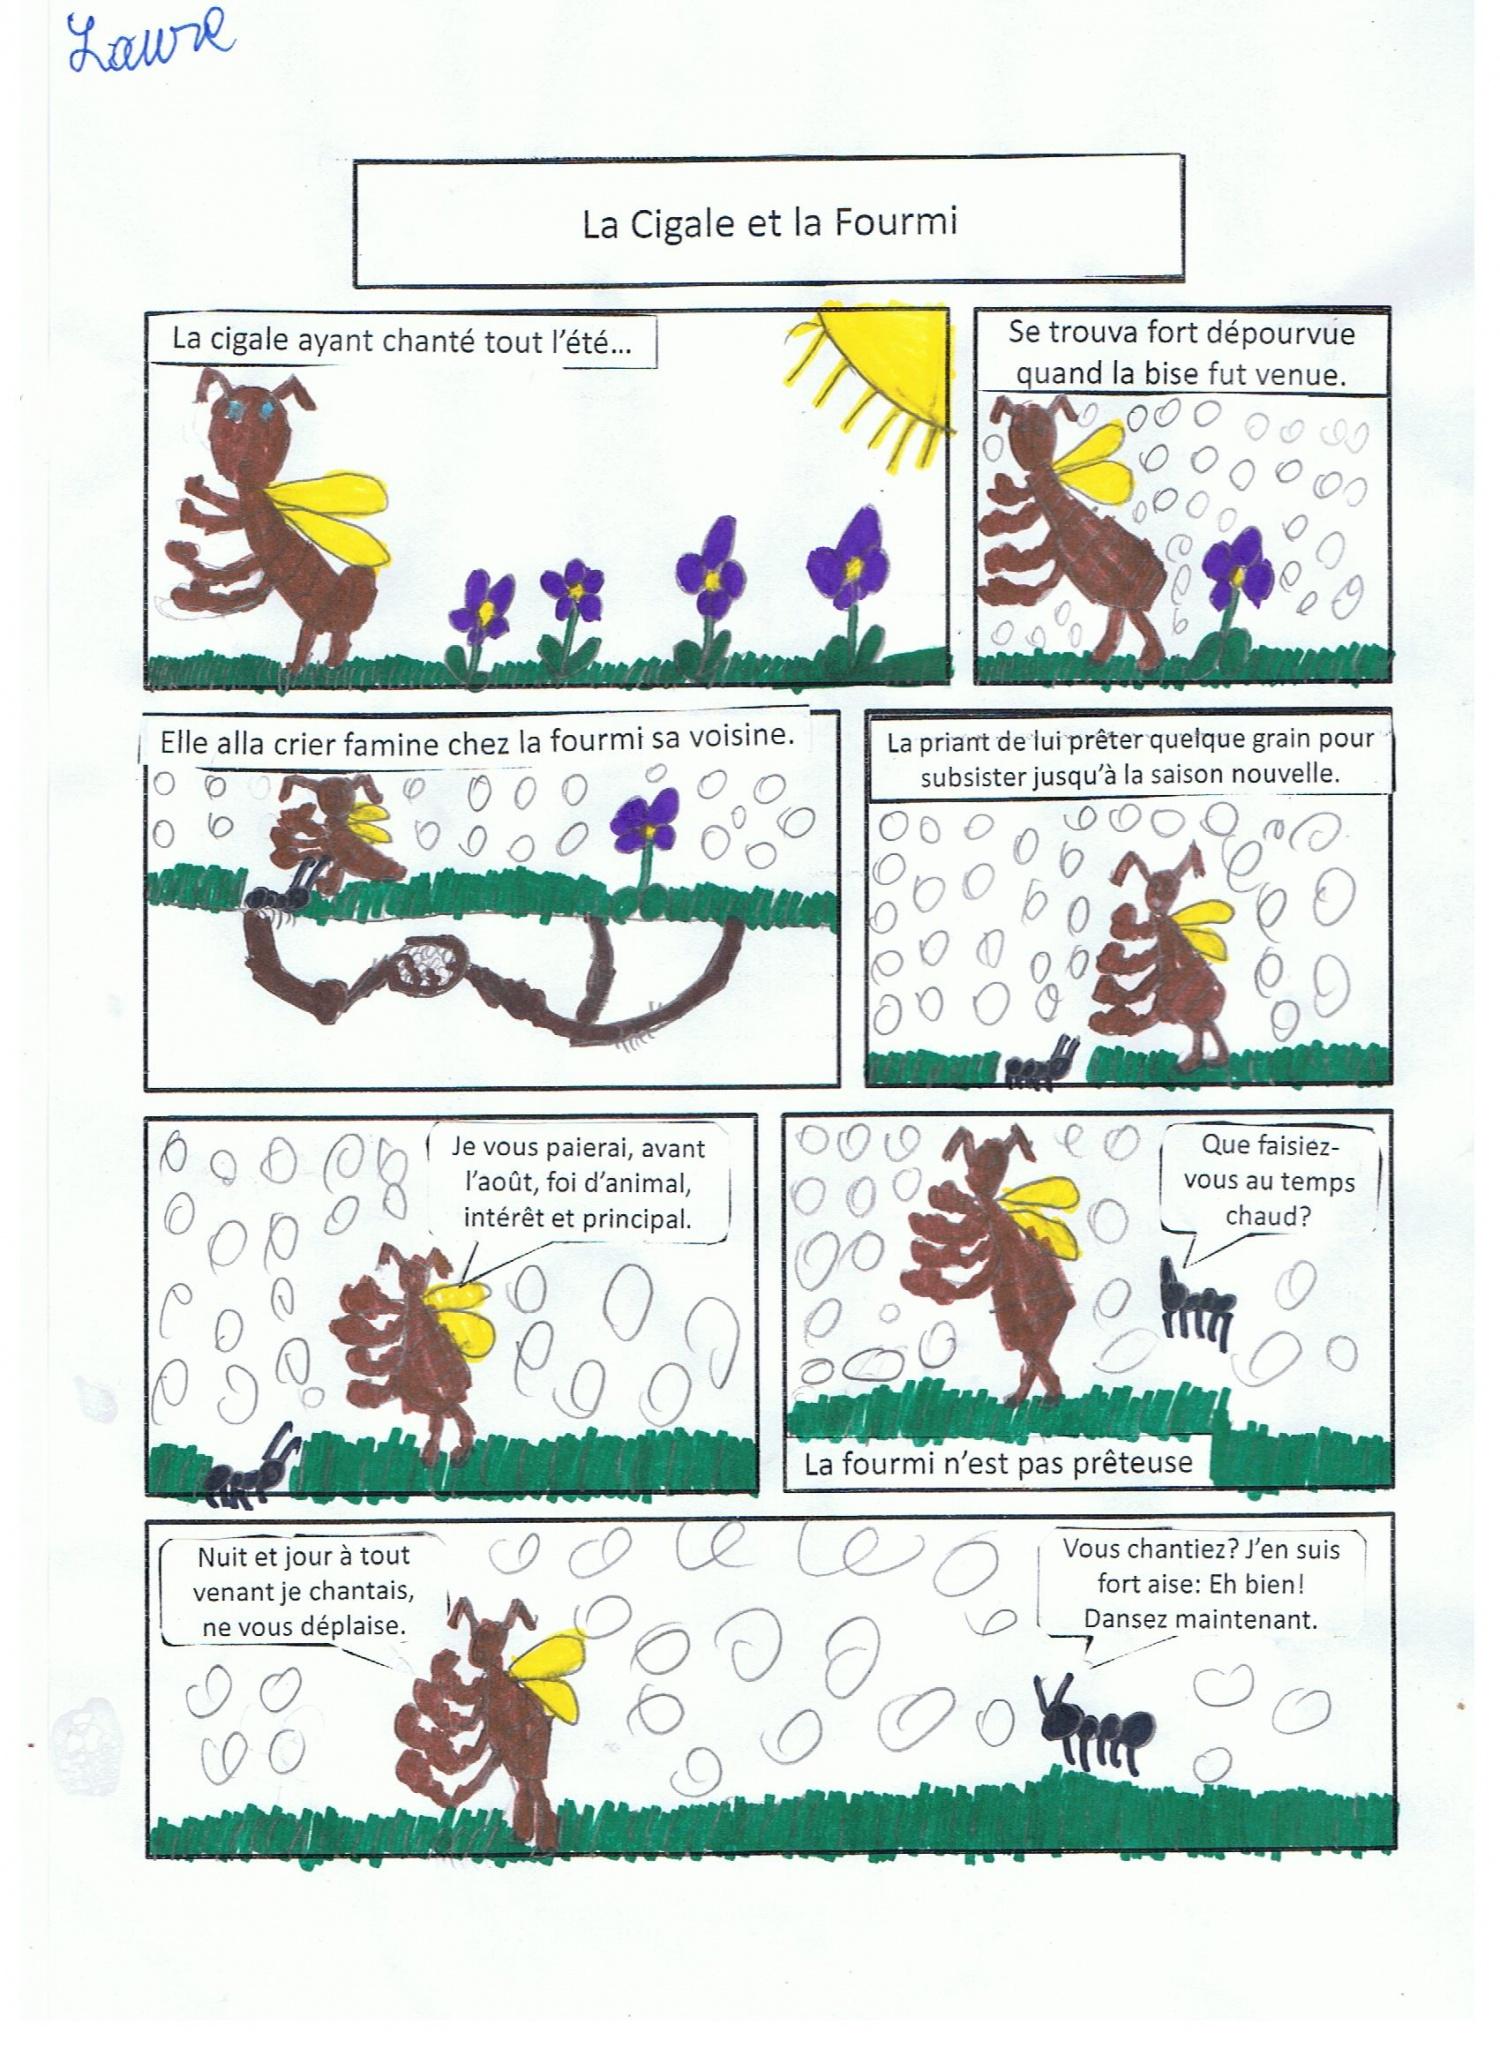 Exceptionnel La cigale et la fourmi en bande dessinée - Ecole Notre Dame Vervins BT62